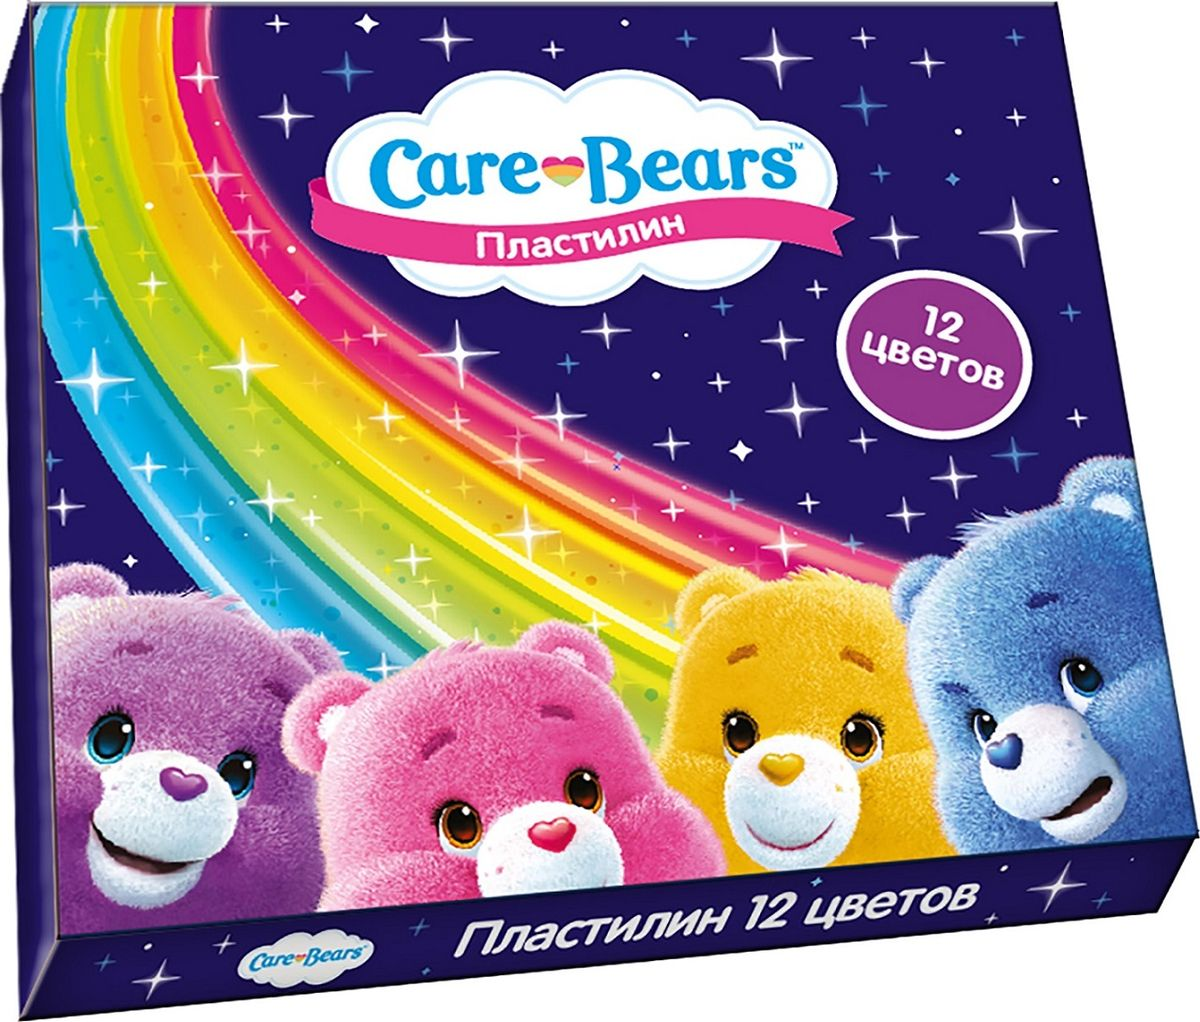 Care Bears Пластилин Заботливые мишки 12 цветовРП_10349Яркий и легко размягчающийся пластилин Заботливые мишки поможет вашему малышу создать множество интересных поделок, а любимые герои мультфильма вдохновят его на новые творческие идеи. Лепить из этого пластилина легко и приятно: он обладает отличными пластичными свойствами, не липнет к рукам, не имеет запаха, его цвета легко смешиваются друг с другом. Создавайте новые цвета и оттенки, фантазируйте, экспериментируйте - это увлекательно и полезно: лепка активно тренирует у ребенка мелкую моторику и умение работать пальчиками, развивает тактильное восприятие формы, веса и фактуры, совершенствует воображение и пространственное мышление. В наборе Заботливые мишки 12 ярких цветов пластилина по 15 г и пластиковая стека. Состав: парафин, петролатум, мел, каолин, красители.